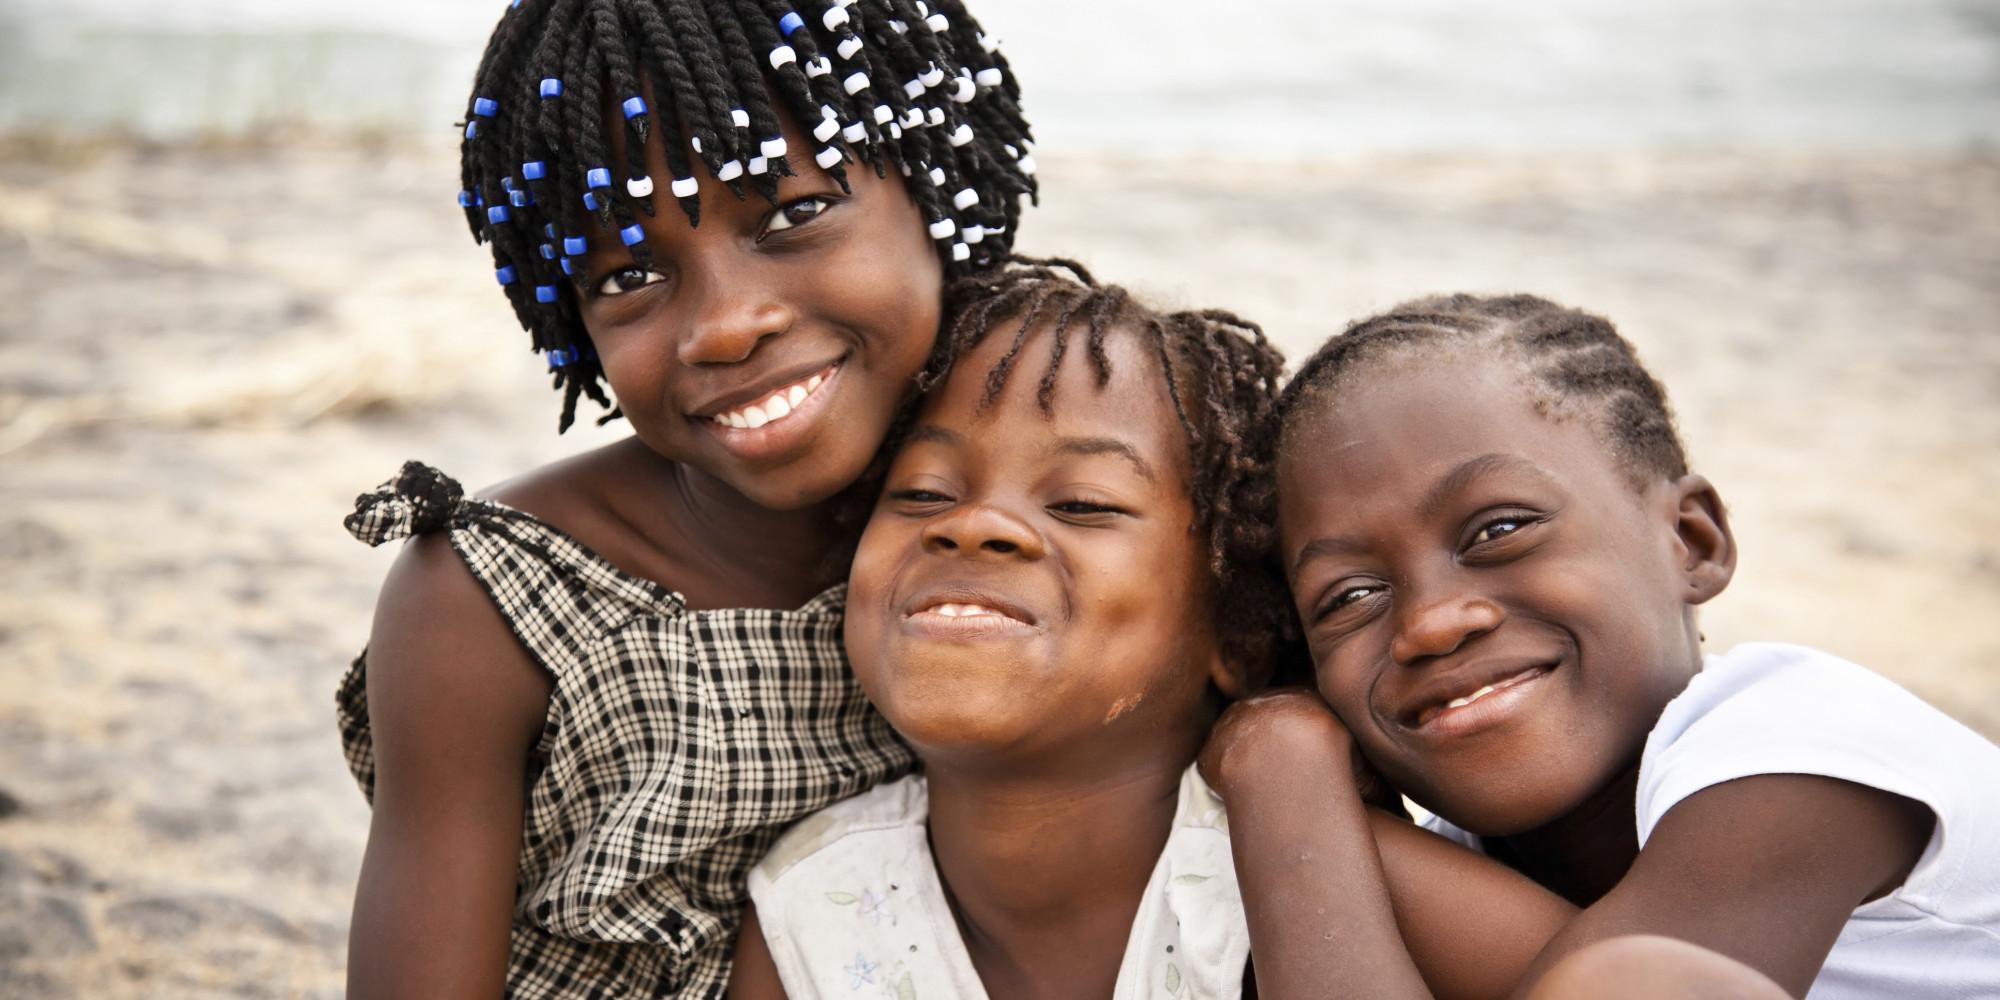 Hausse historique de l'espérance de vie en Afrique subsaharienne